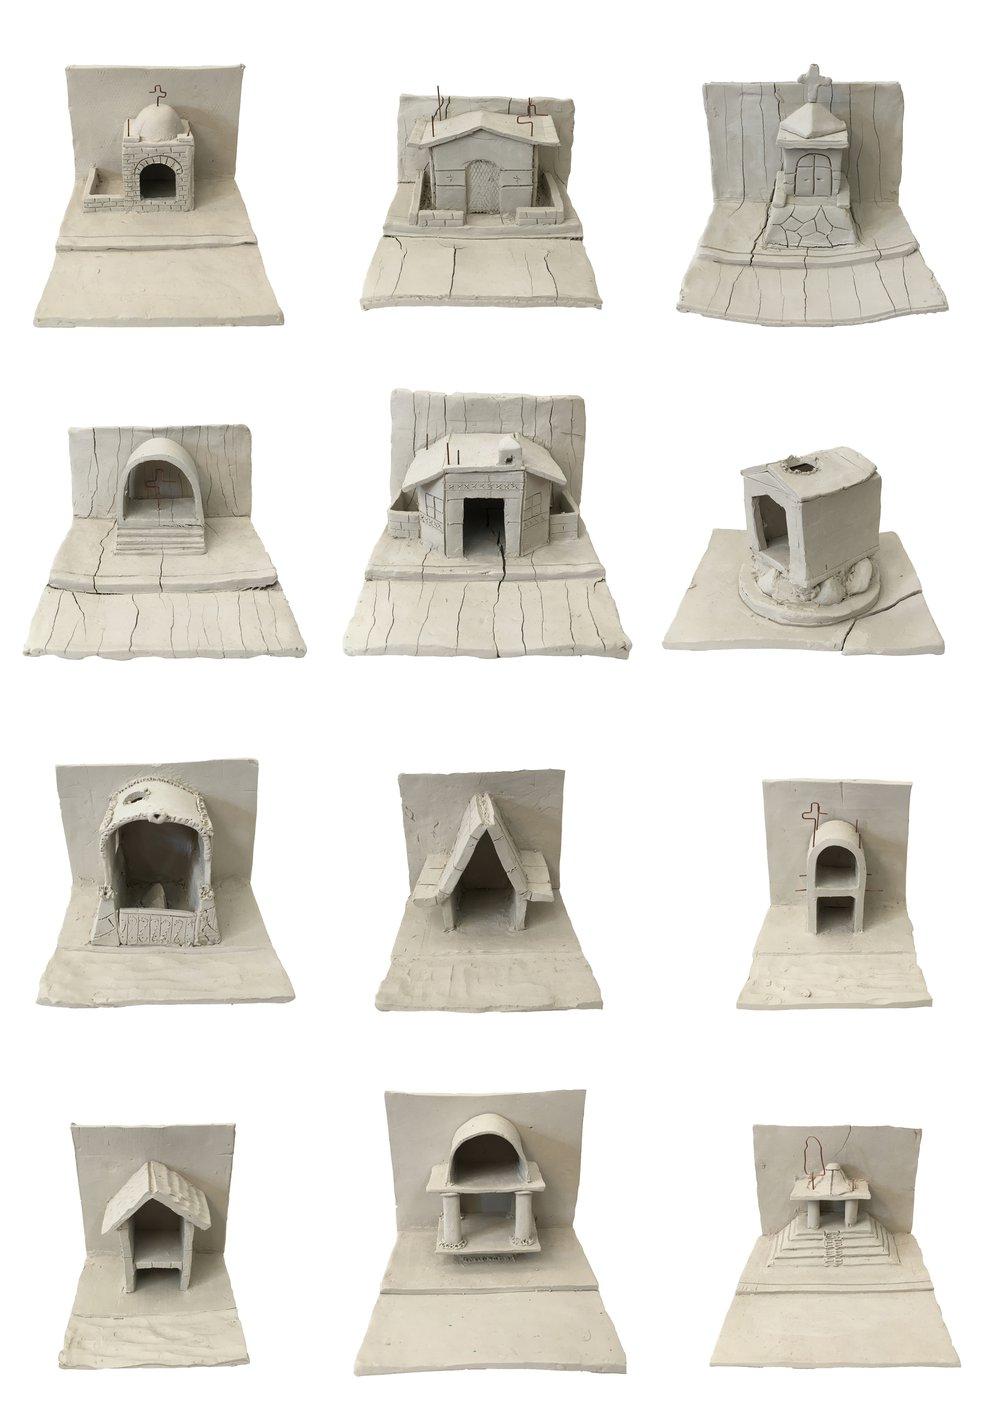 Typology of Tiny Chapels